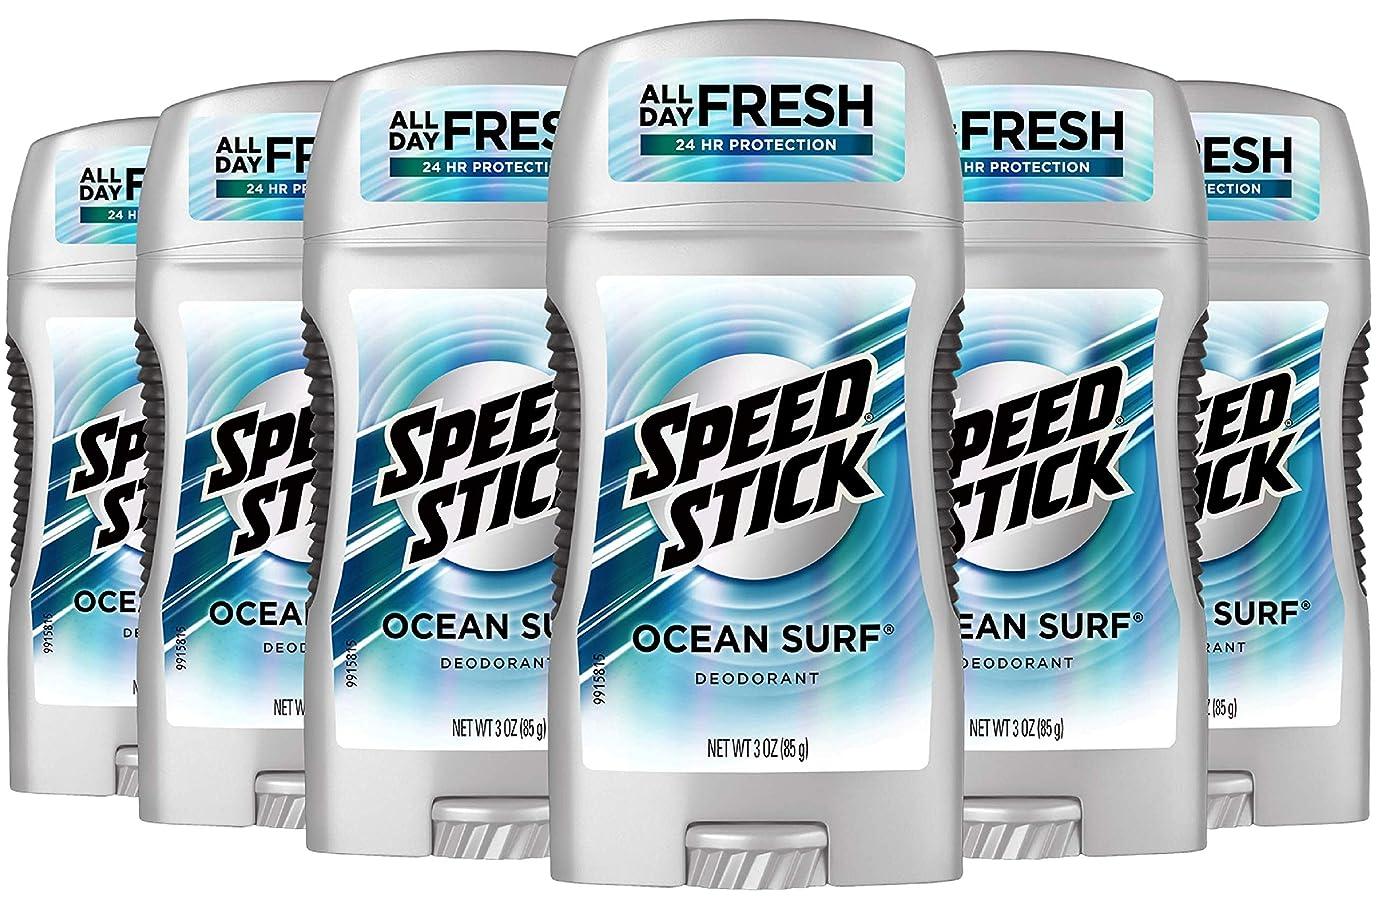 大脳農奴手順Speed Stick Deodorant, Ocean Surf 88 ml (Pack of 6) (並行輸入品)